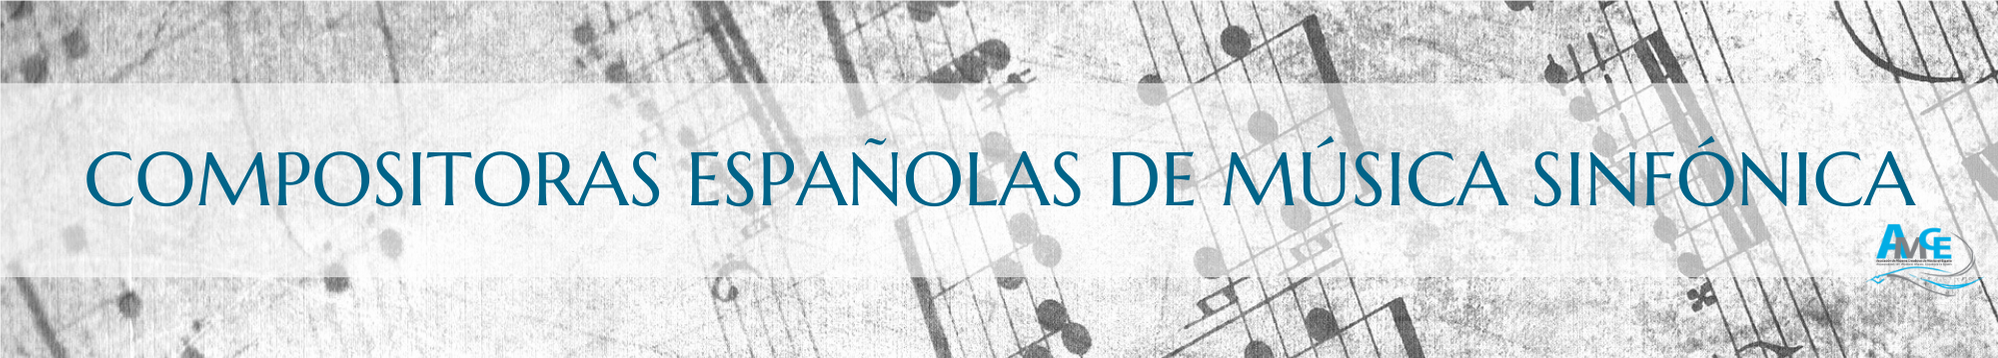 Compositoras españolas de música sinfónica